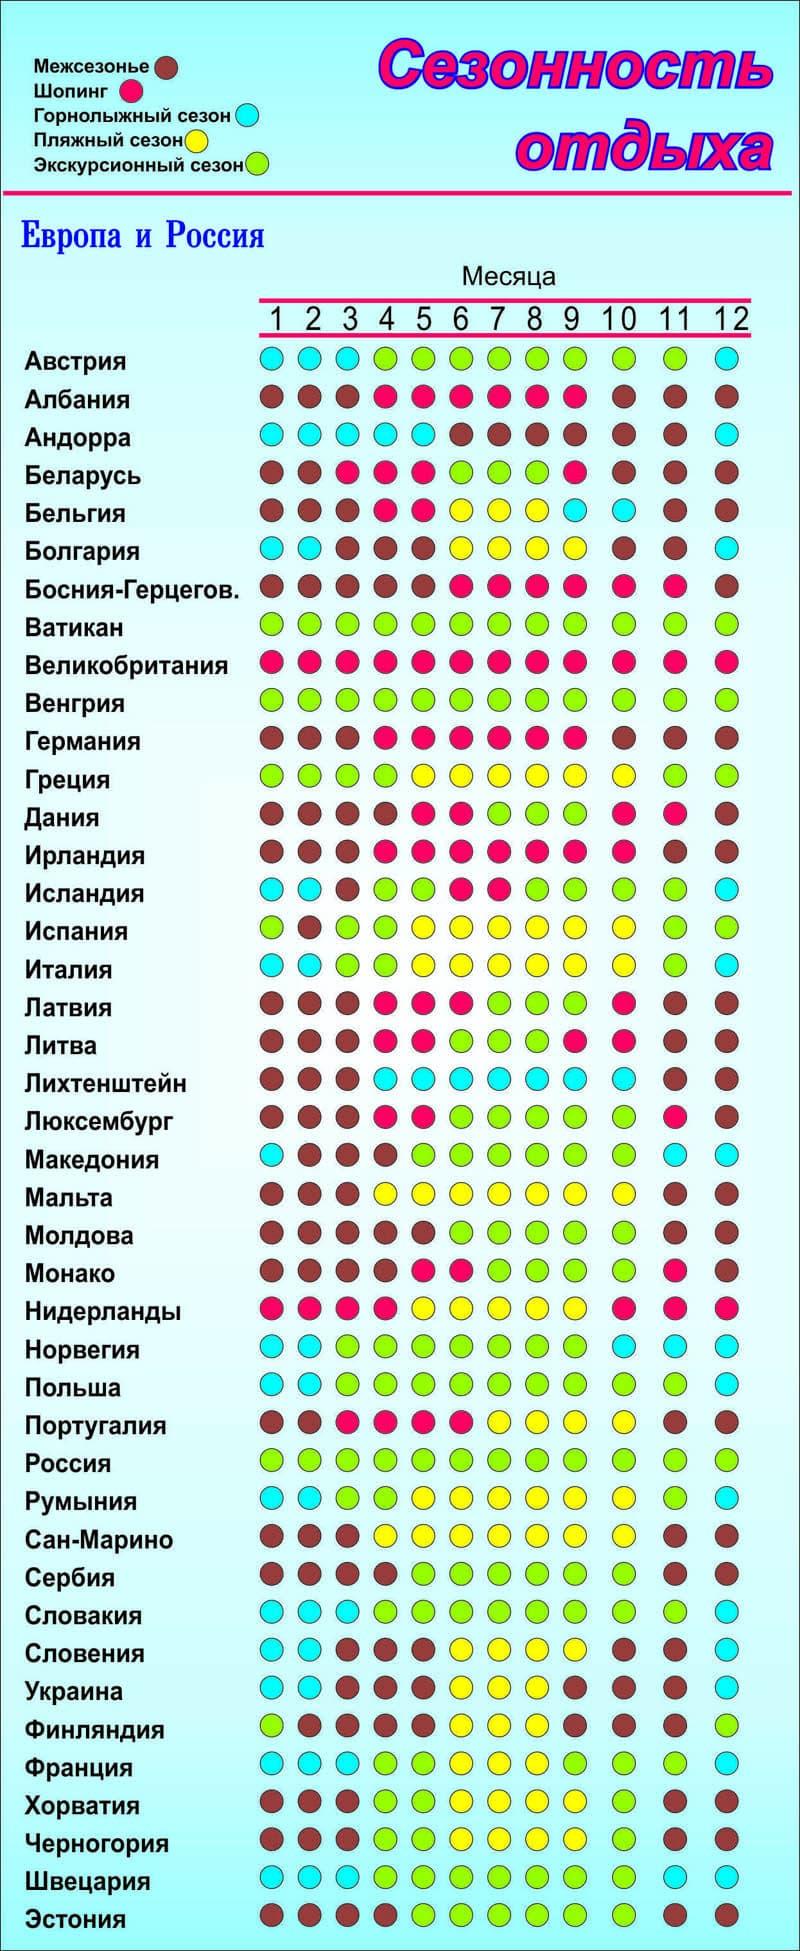 Европа Россия сезонность